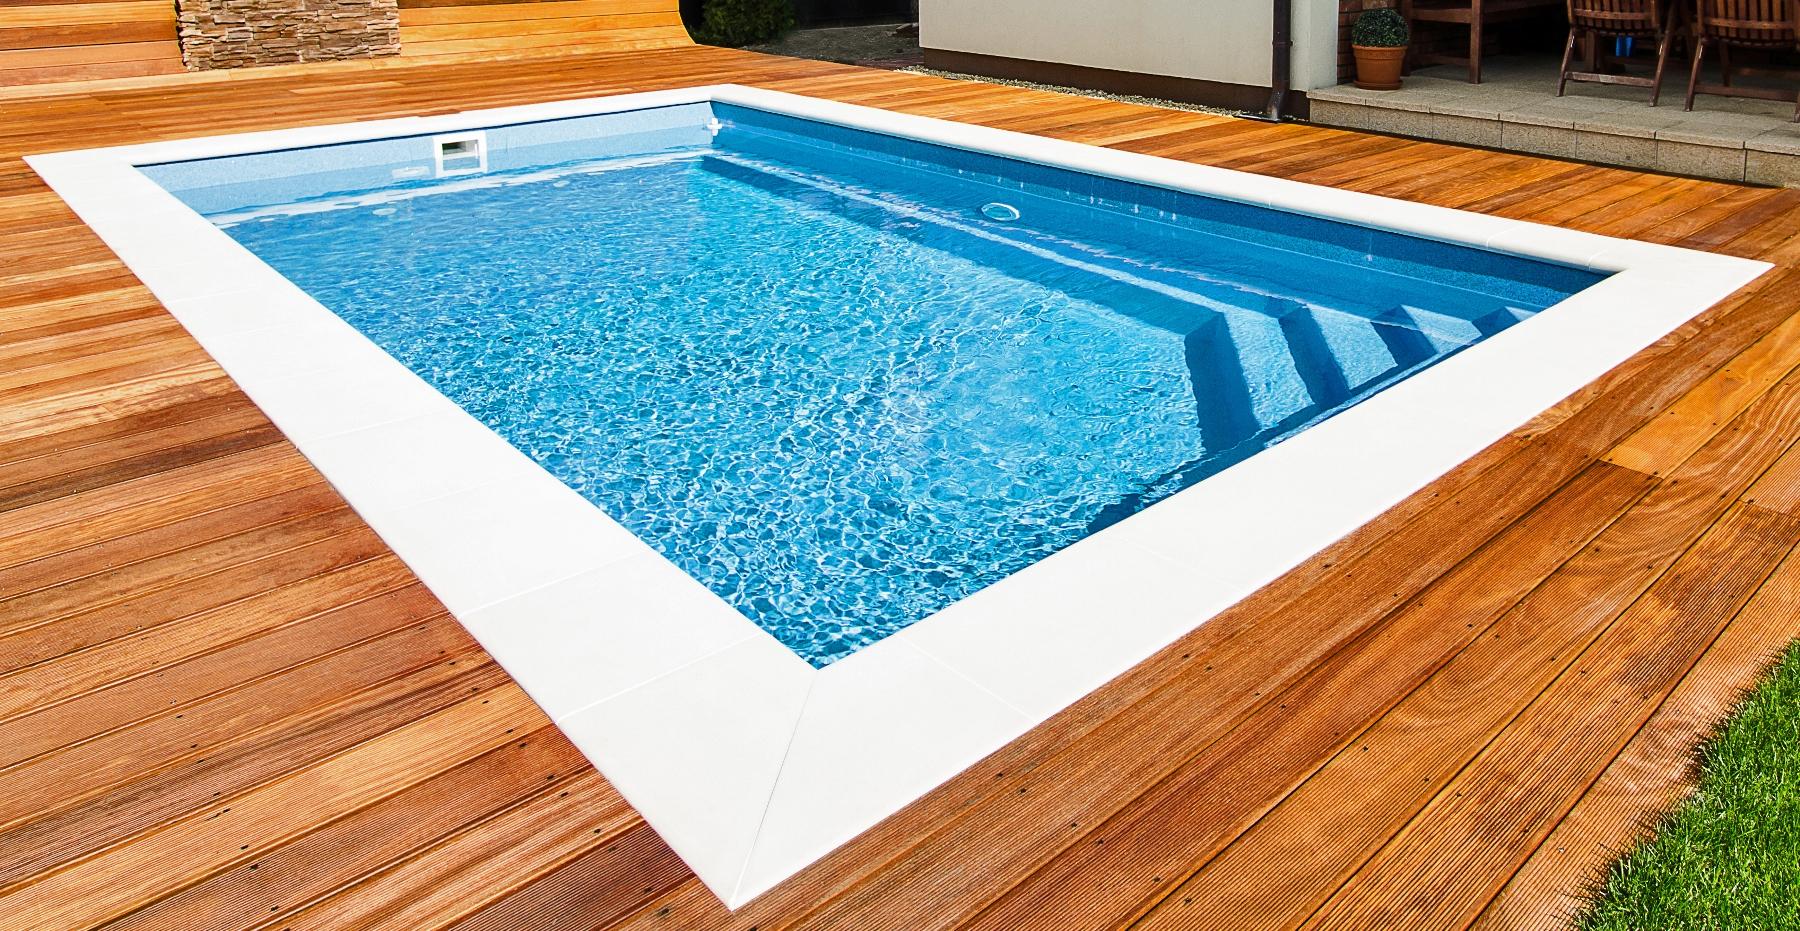 Upoolia ceramik pool brilliant for Schwimmfolie pool